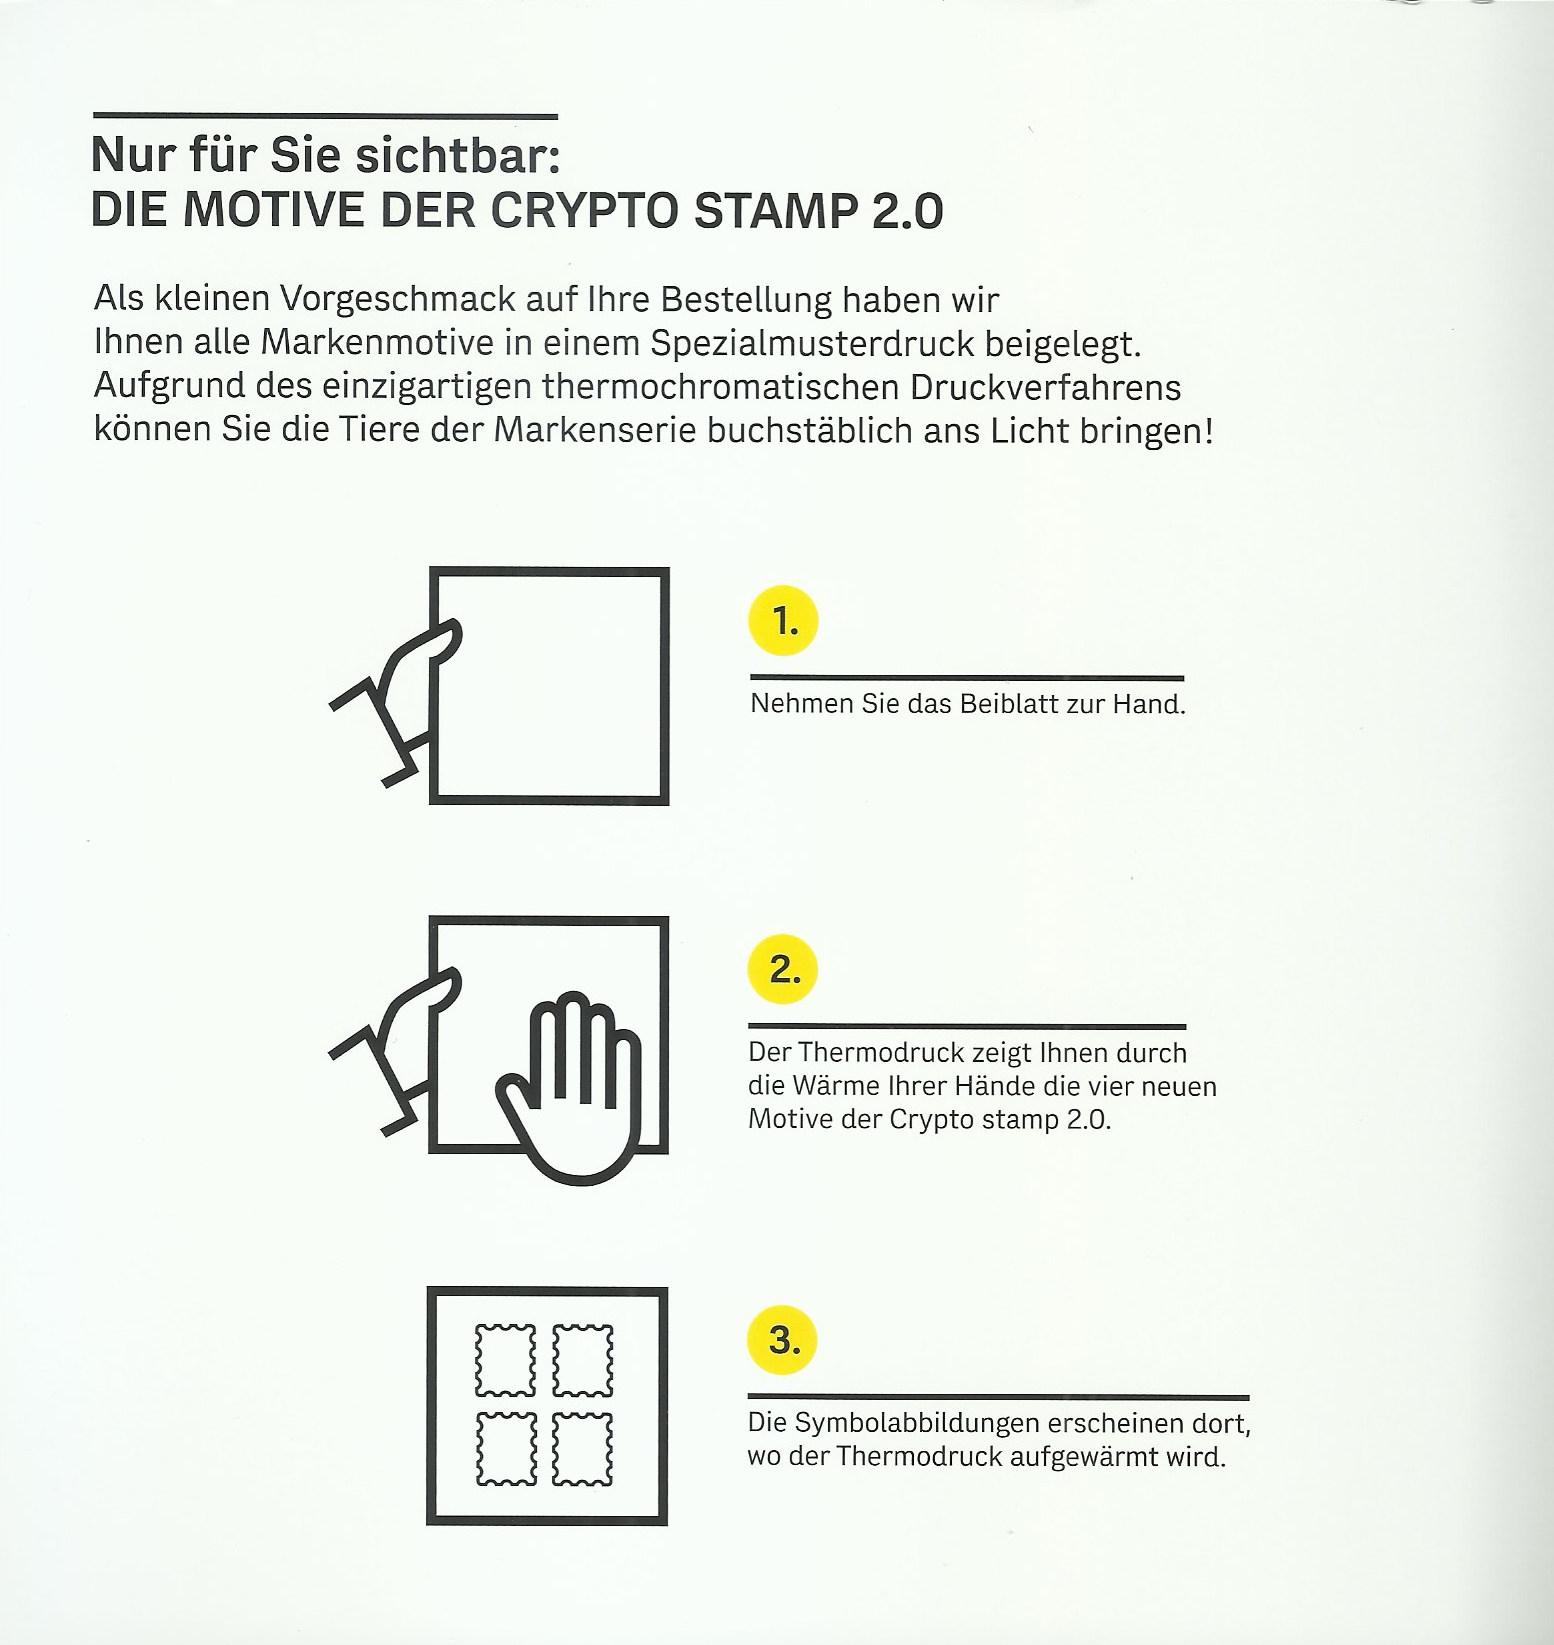 NEU: Crypto Stamp 2.0 Crypto17